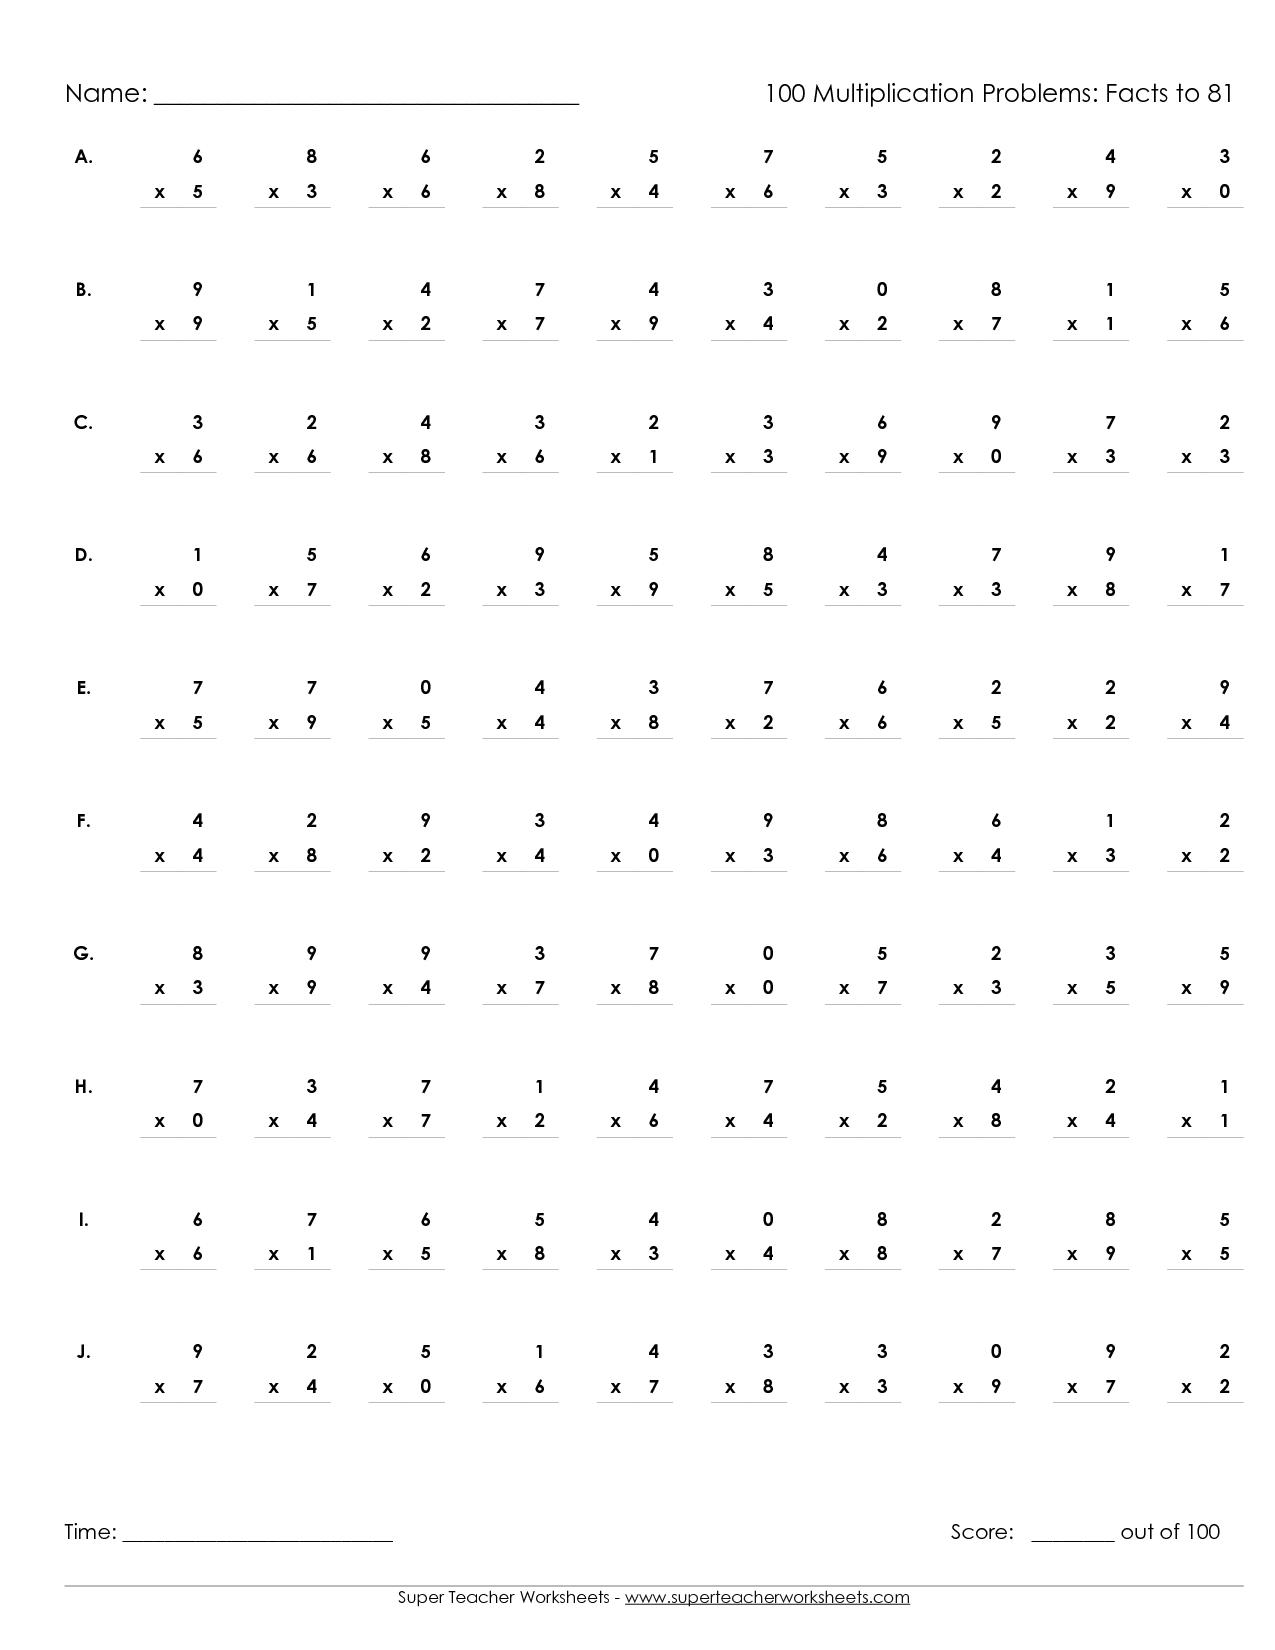 Multiplication Worksheets Grade 5 100 Problems The Best Worksheets